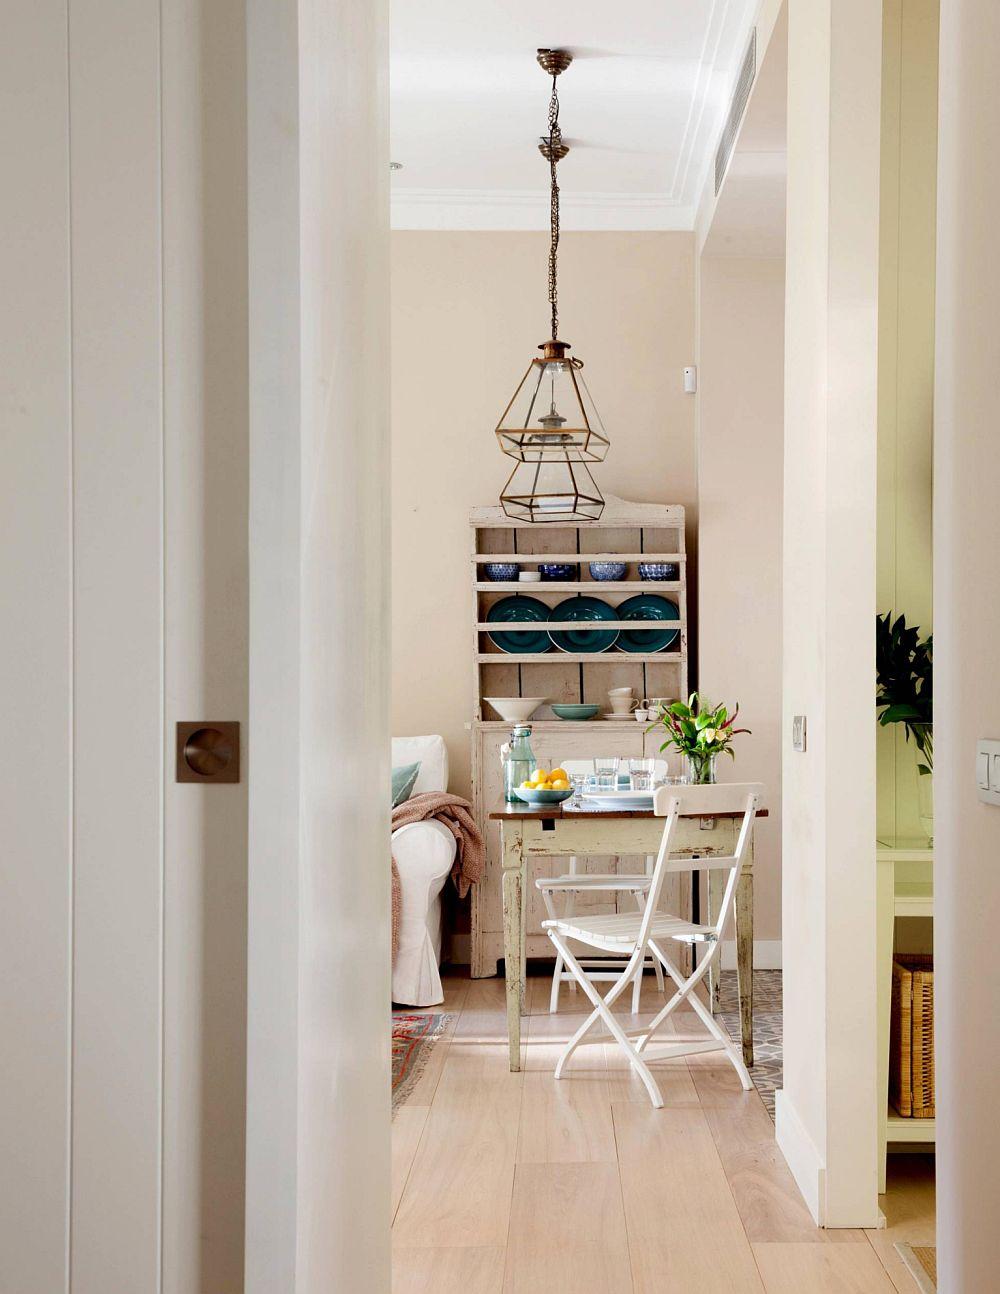 Accesul în locuință se face printr-un hol separat față de spațiul generos, care este împărțit între zona de zi și zona de noapte.